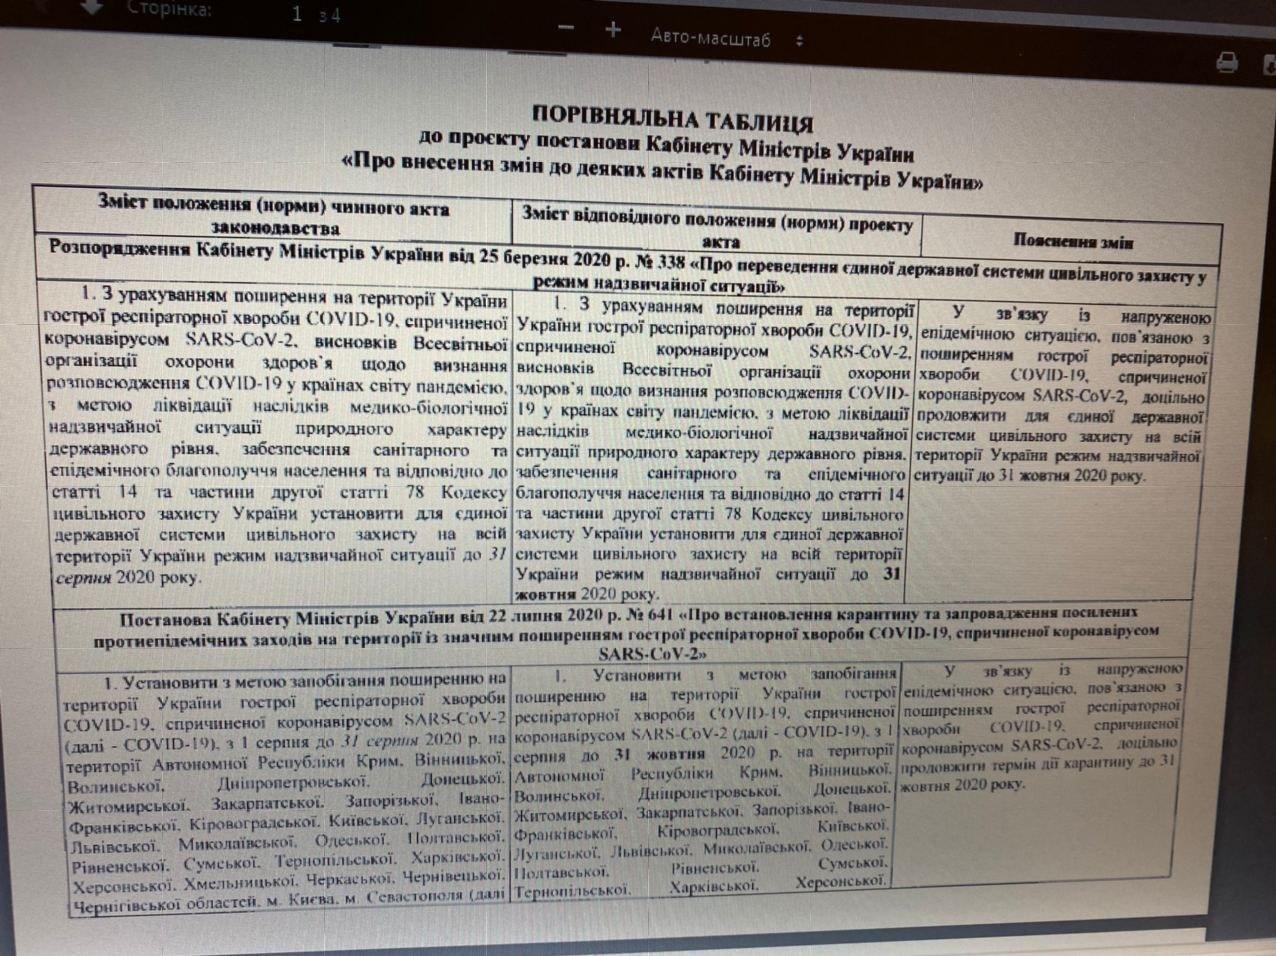 Решение принято: адаптивный карантин в Украине продлили до 1 ноября, фото-1